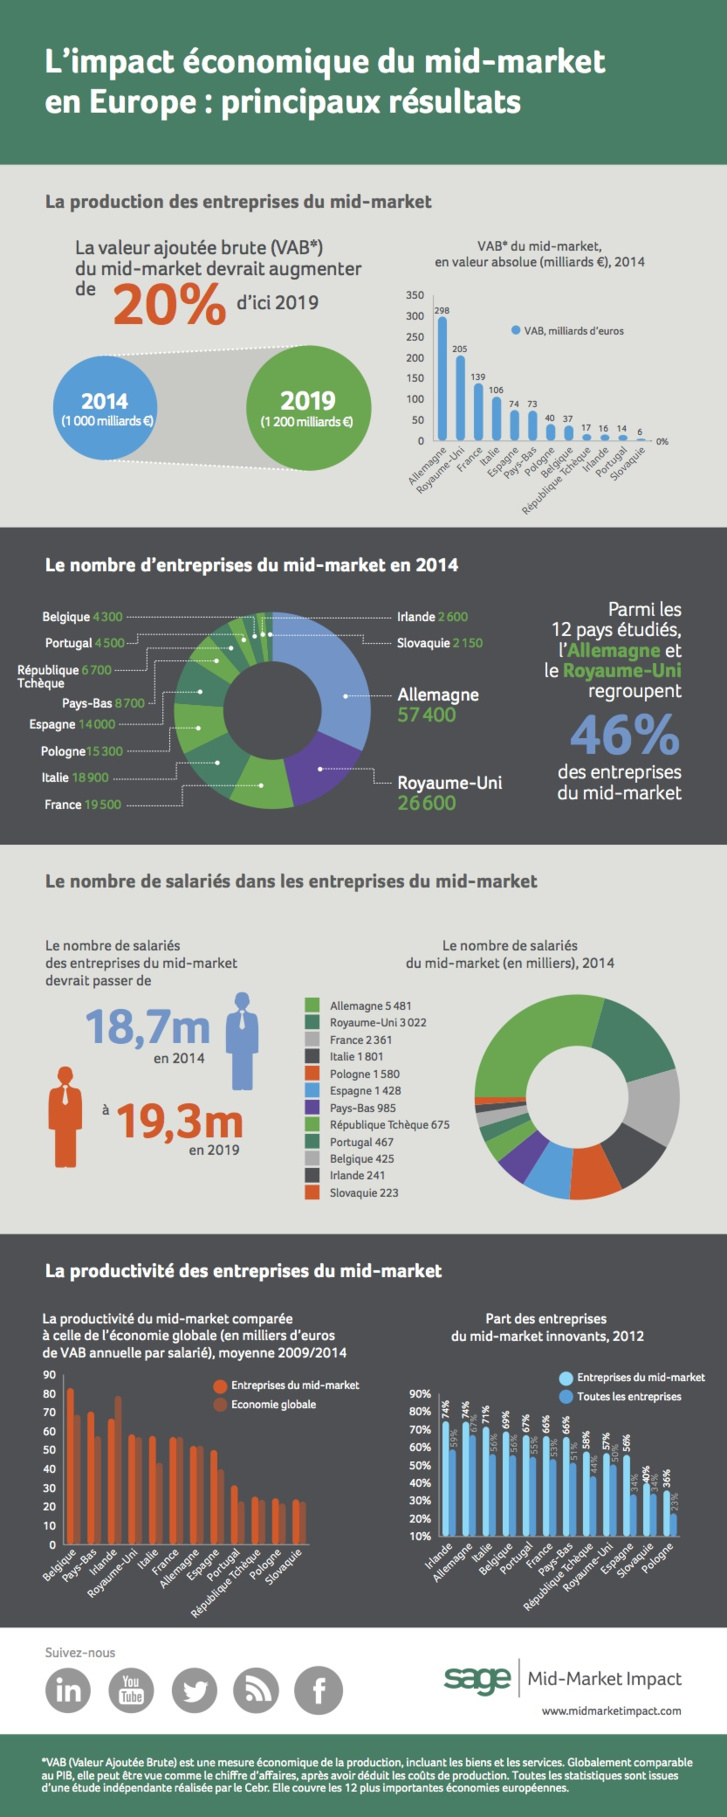 Les entreprises du mid-market tirent la croissance européenne